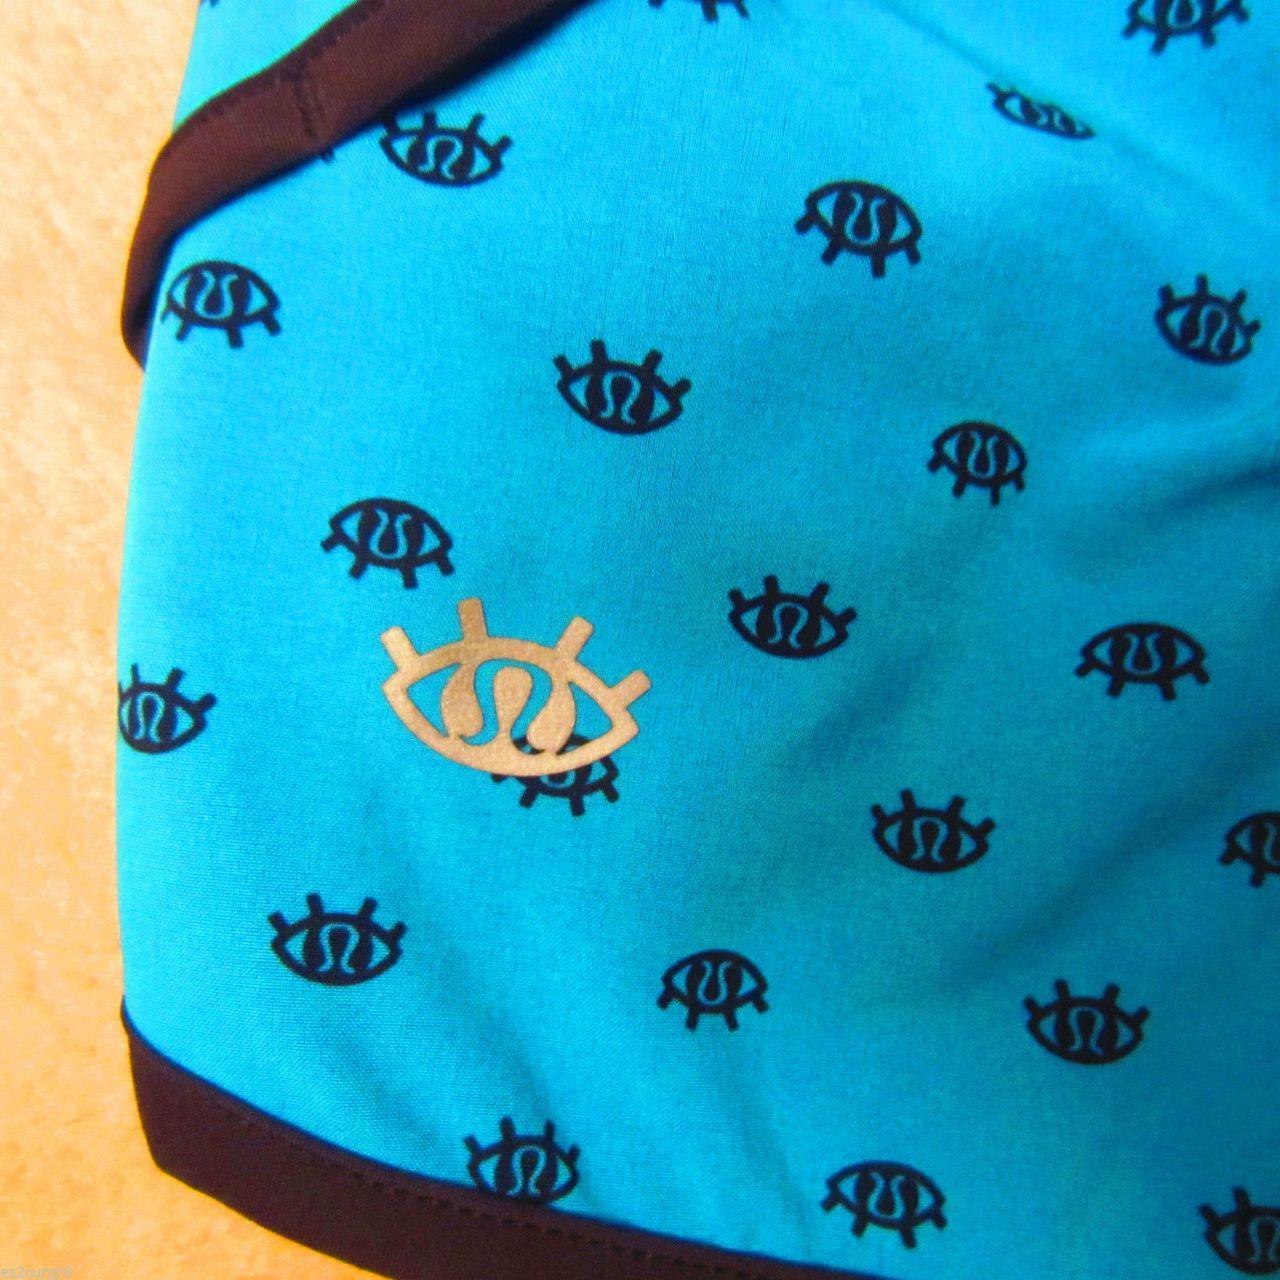 Lululemon Speed Short - 2014 Seawheeze - Turquoise with Black SW Eyes